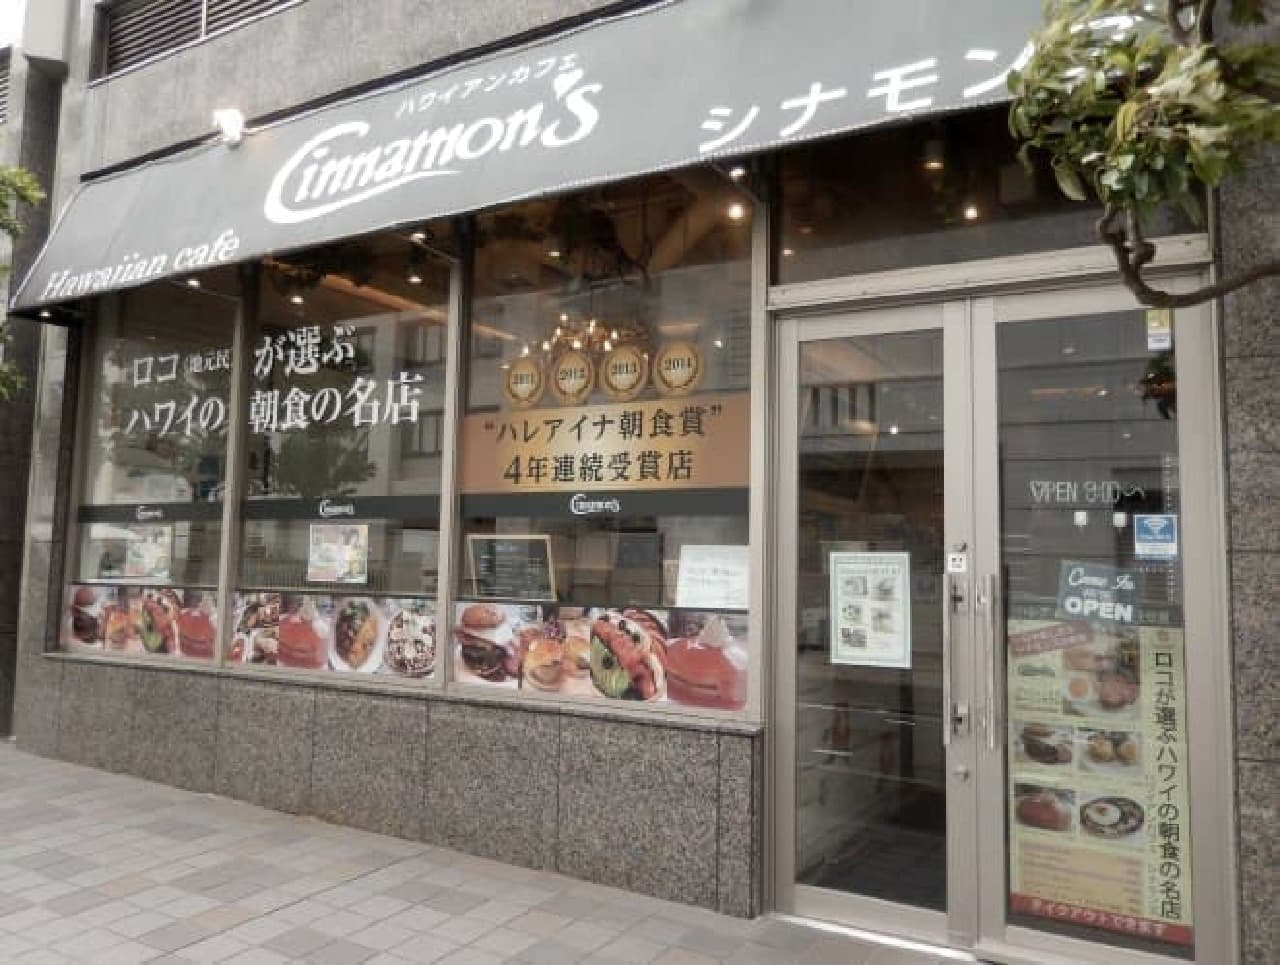 シナモンズ横浜山下公園店